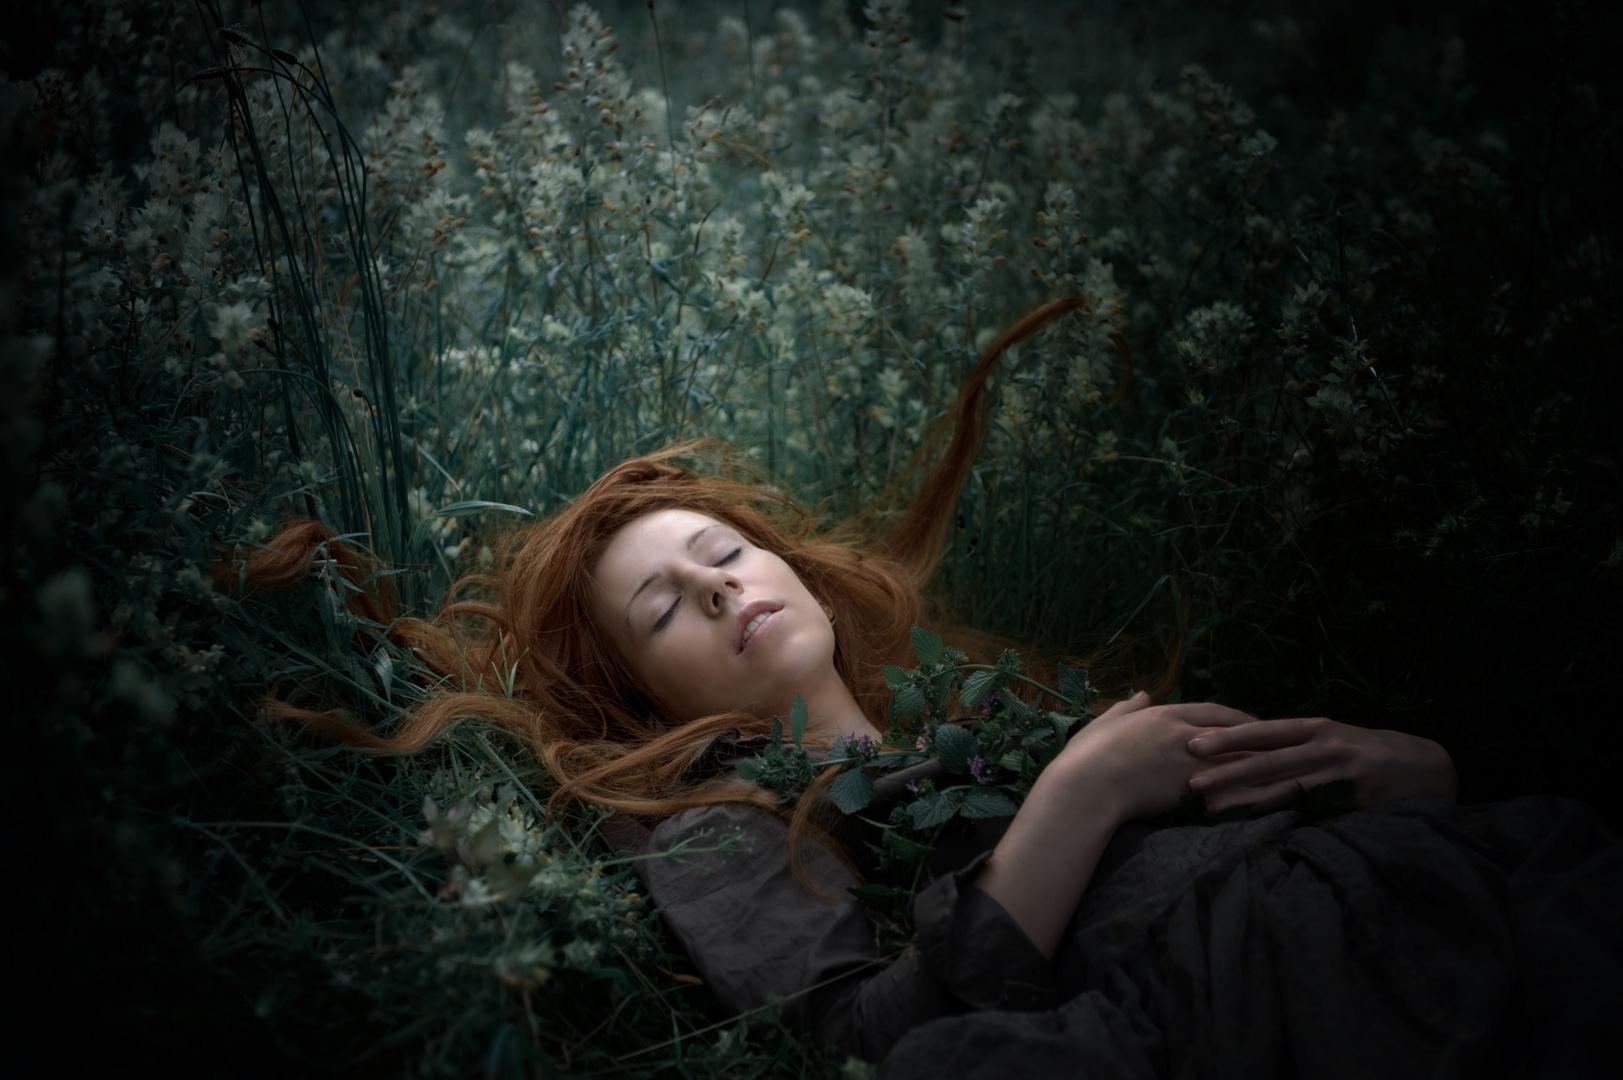 Die schlafende Schöne